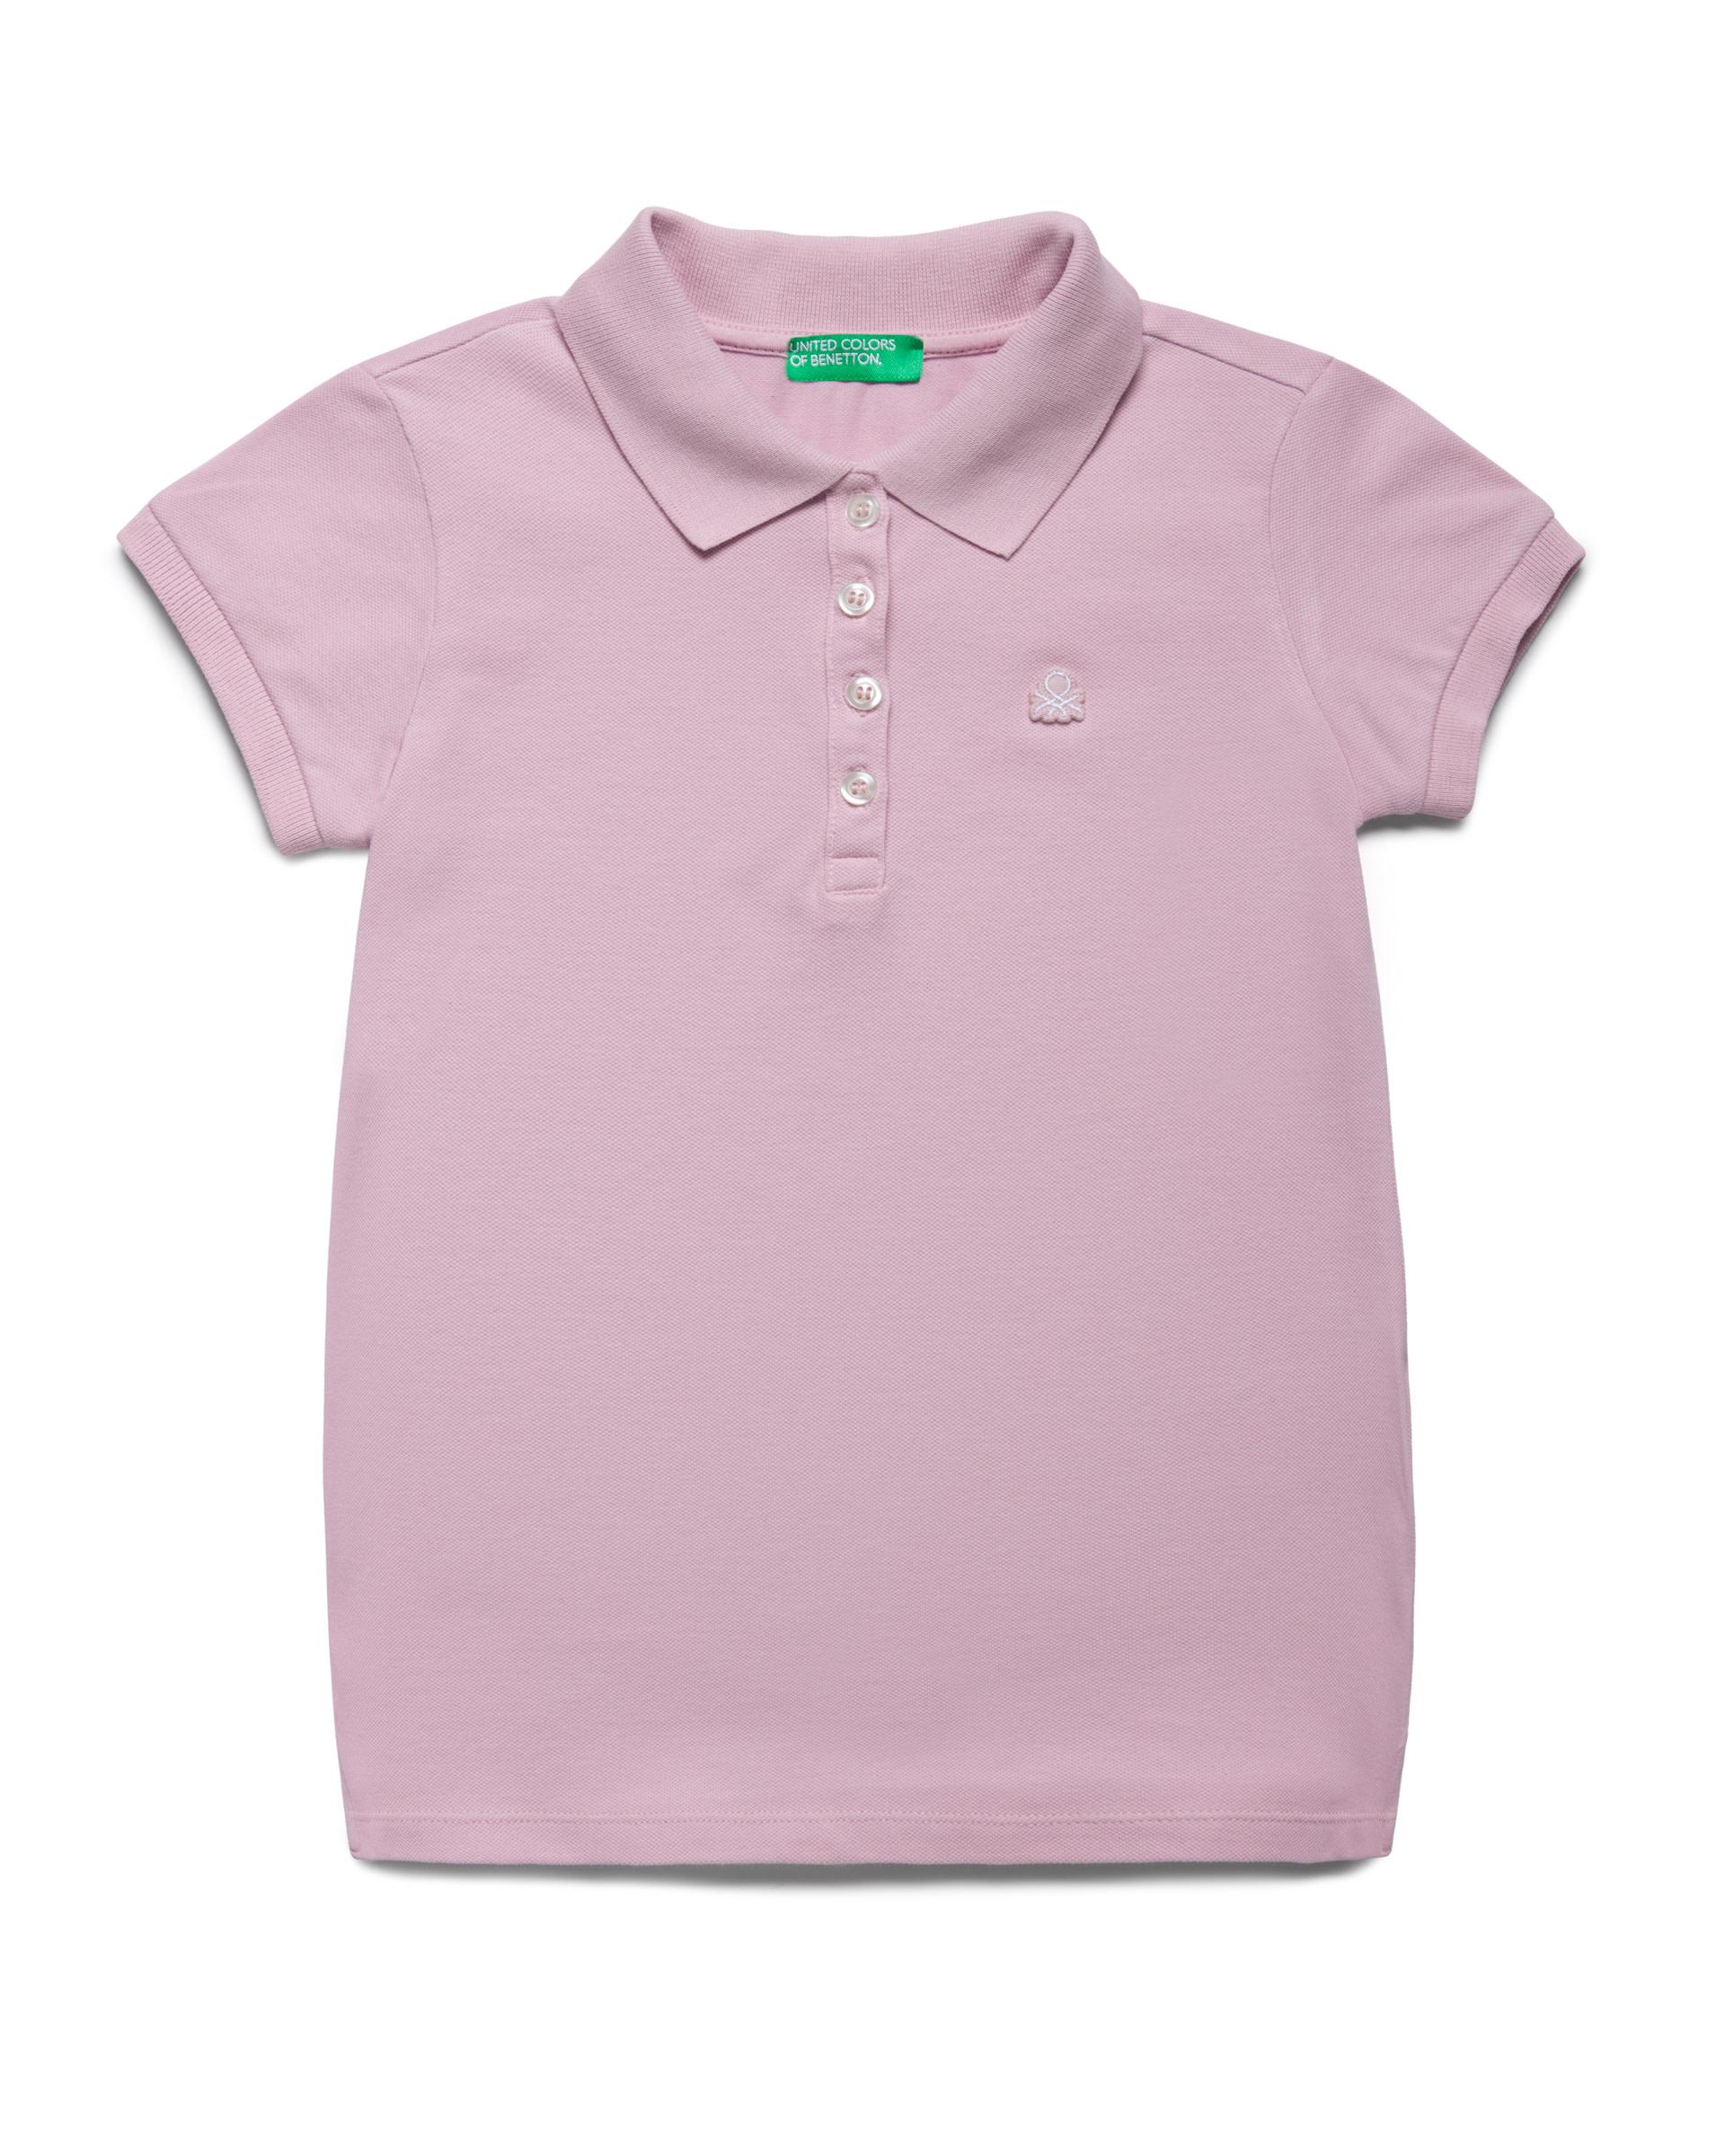 Купить 20P_3WG9C3092_07M, Поло-пике для девочек Benetton 3WG9C3092_07M р-р 158, United Colors of Benetton, Детские футболки